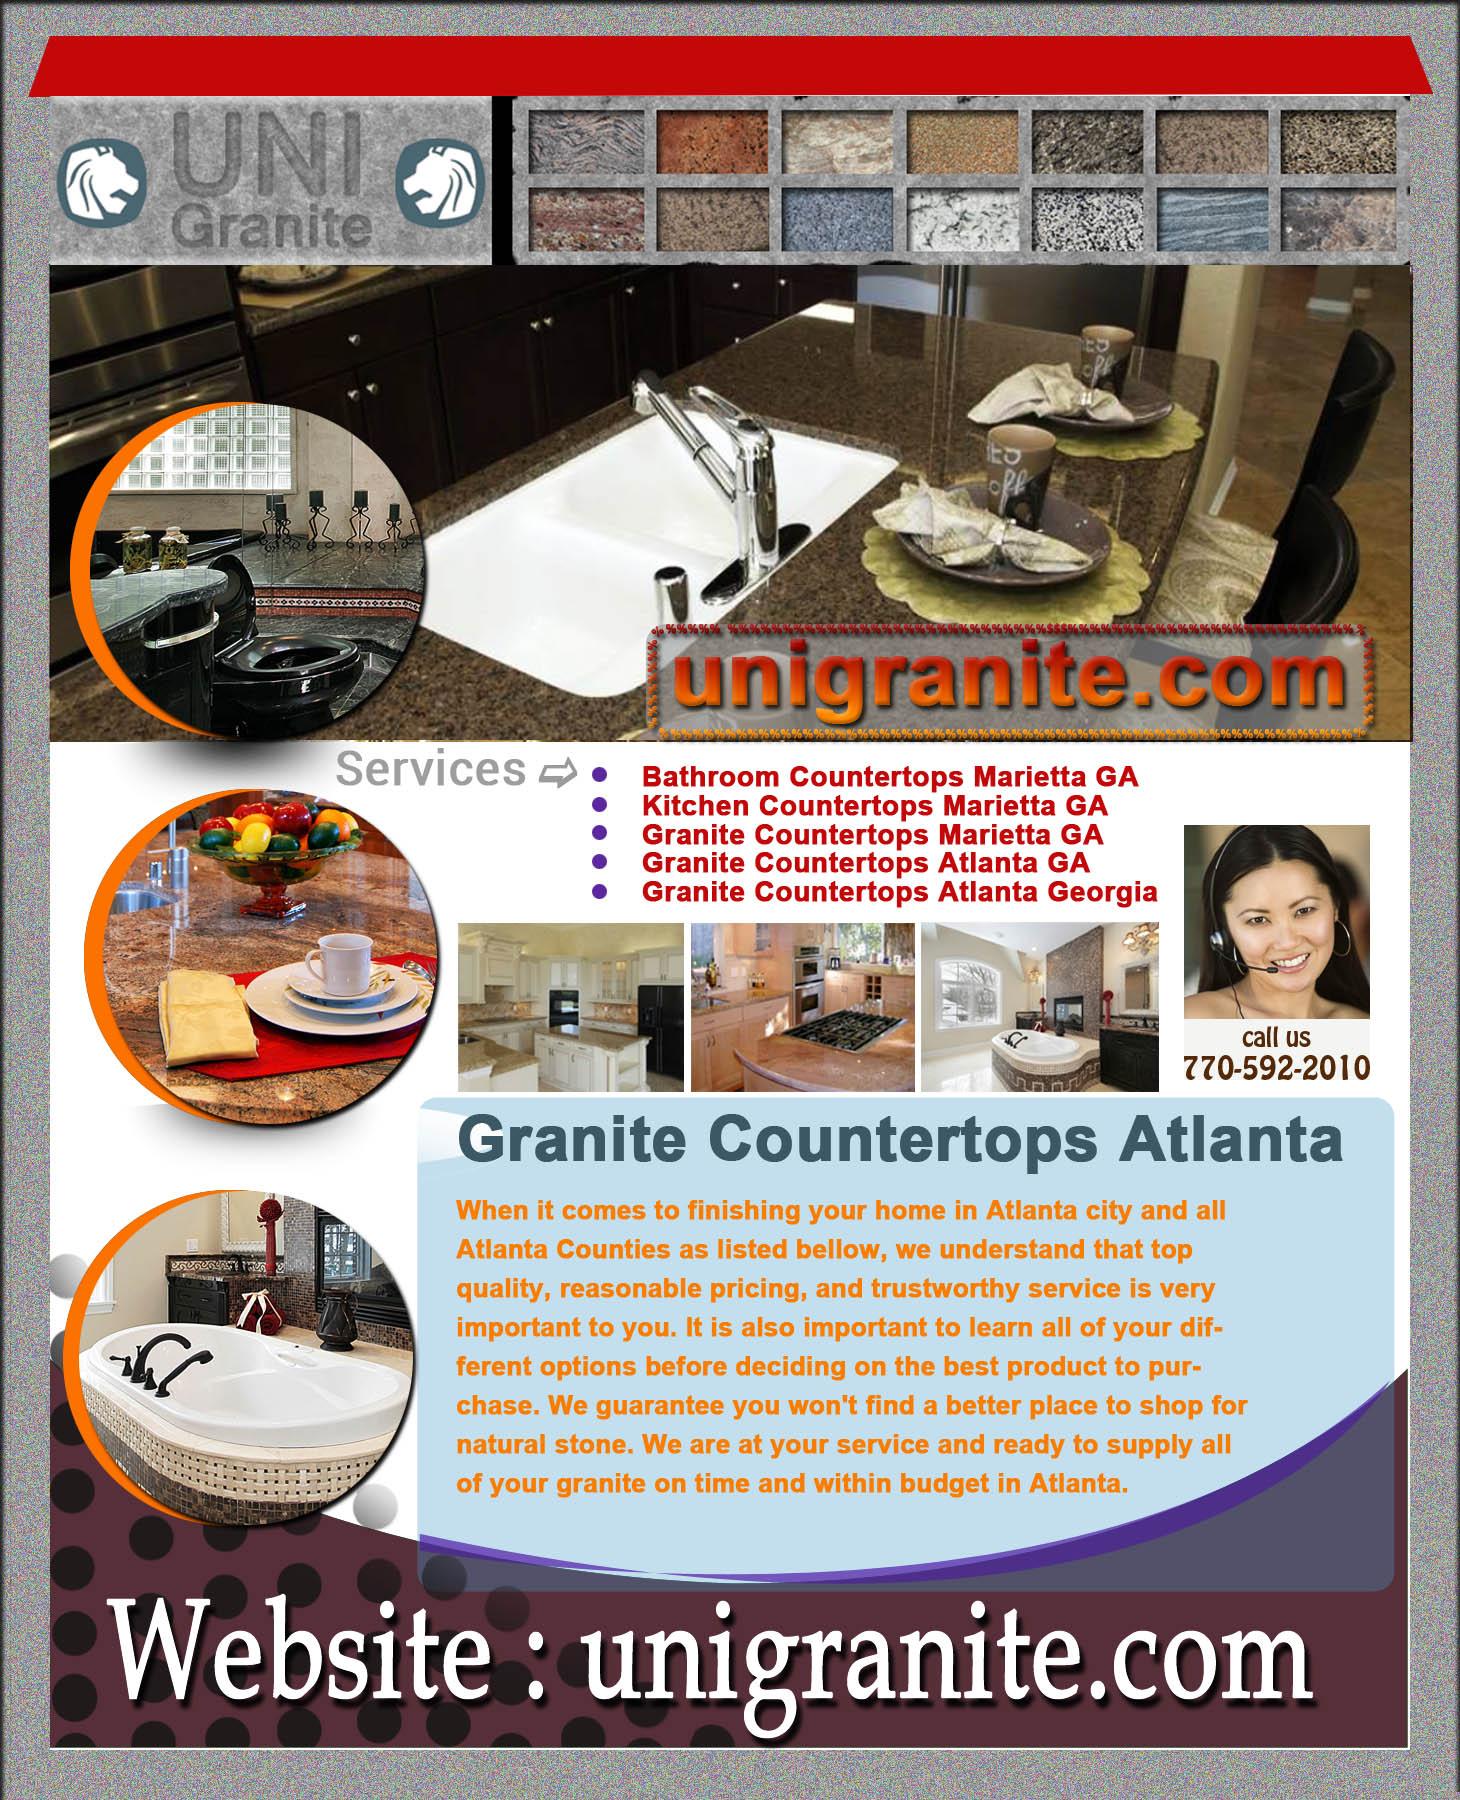 Granite Countertops Atlanta